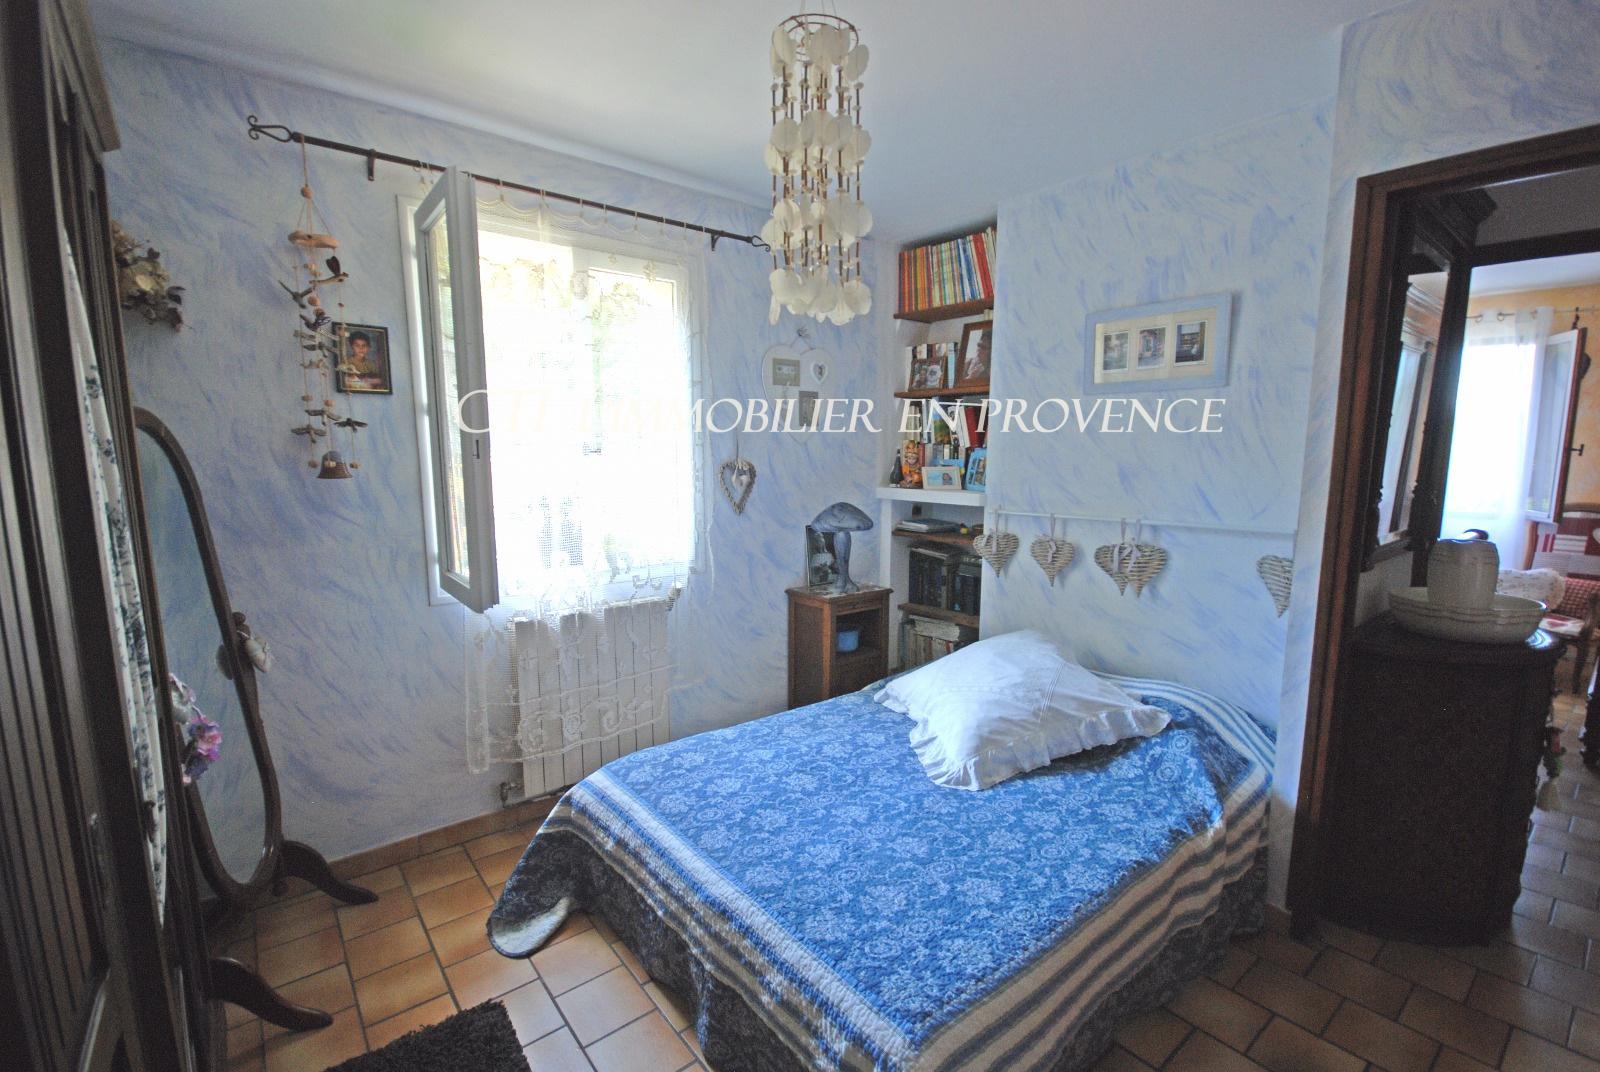 0 www.cti-provence.net,vente, dans village grande maison en 2 habitations avec terrain, piscine, vue